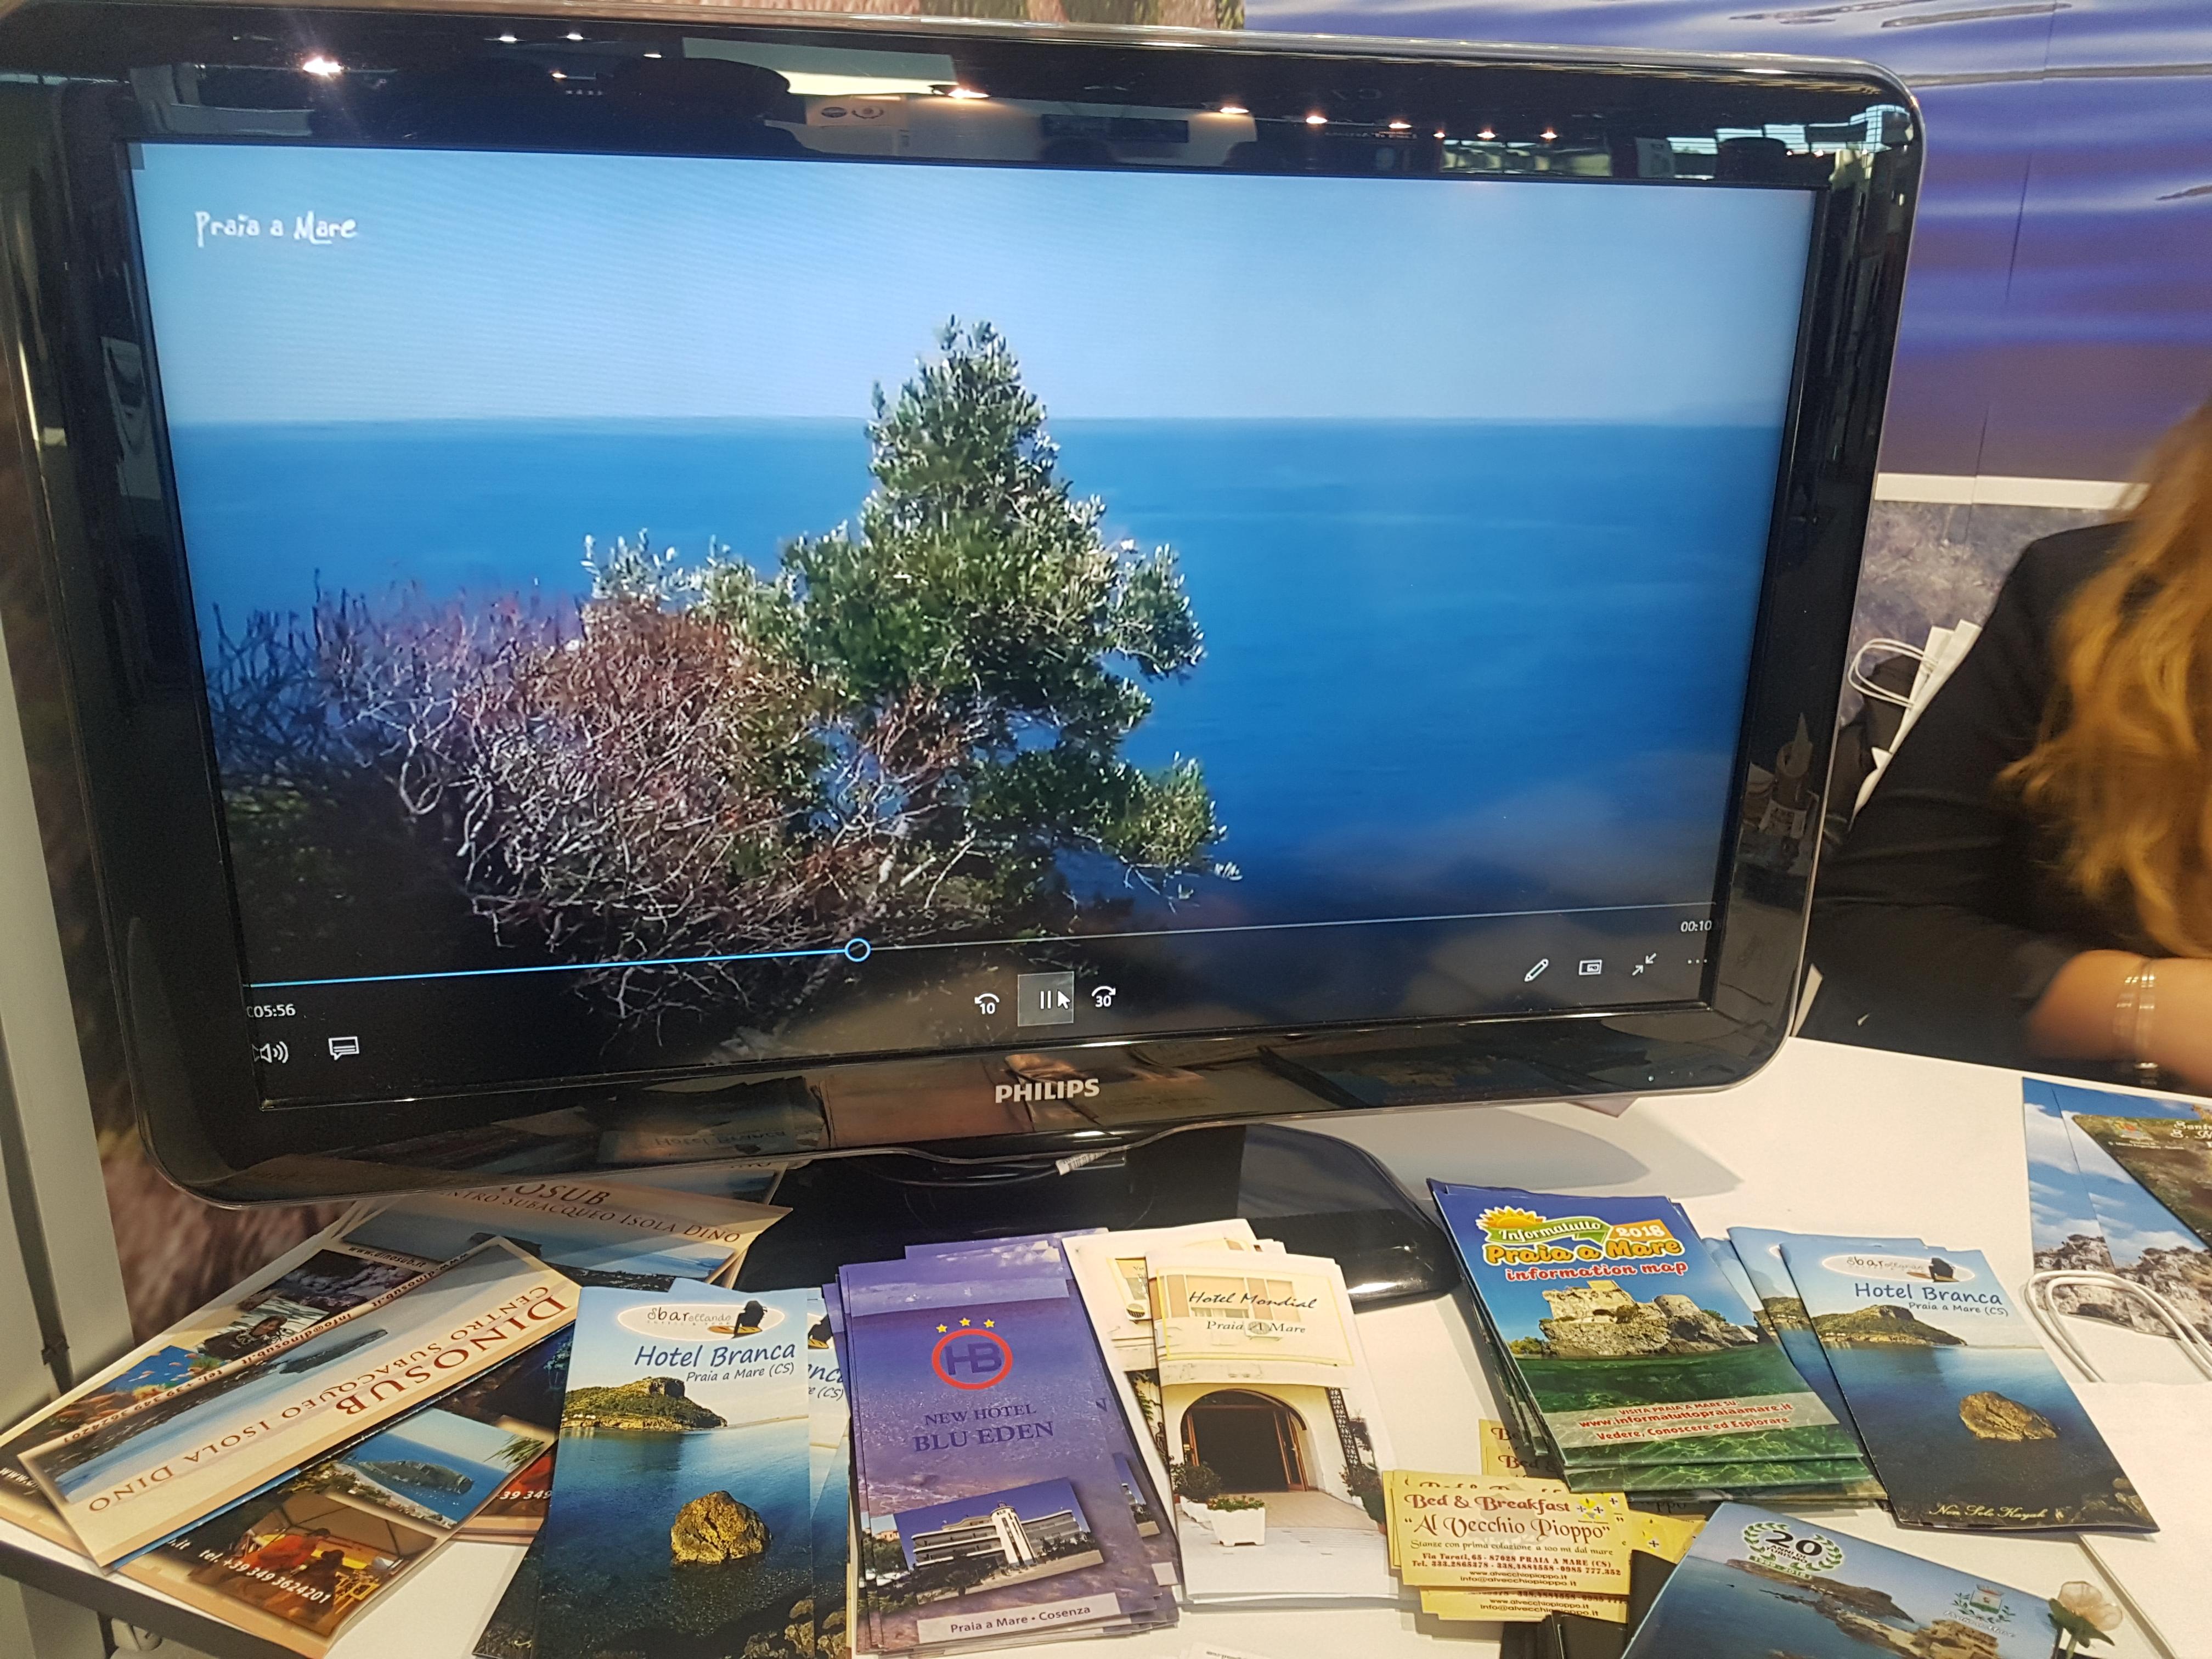 Materiale promozionale Hotel Blu Eden allo stand di Praia a Mare alla fiera di Rimini Ottobre 2018